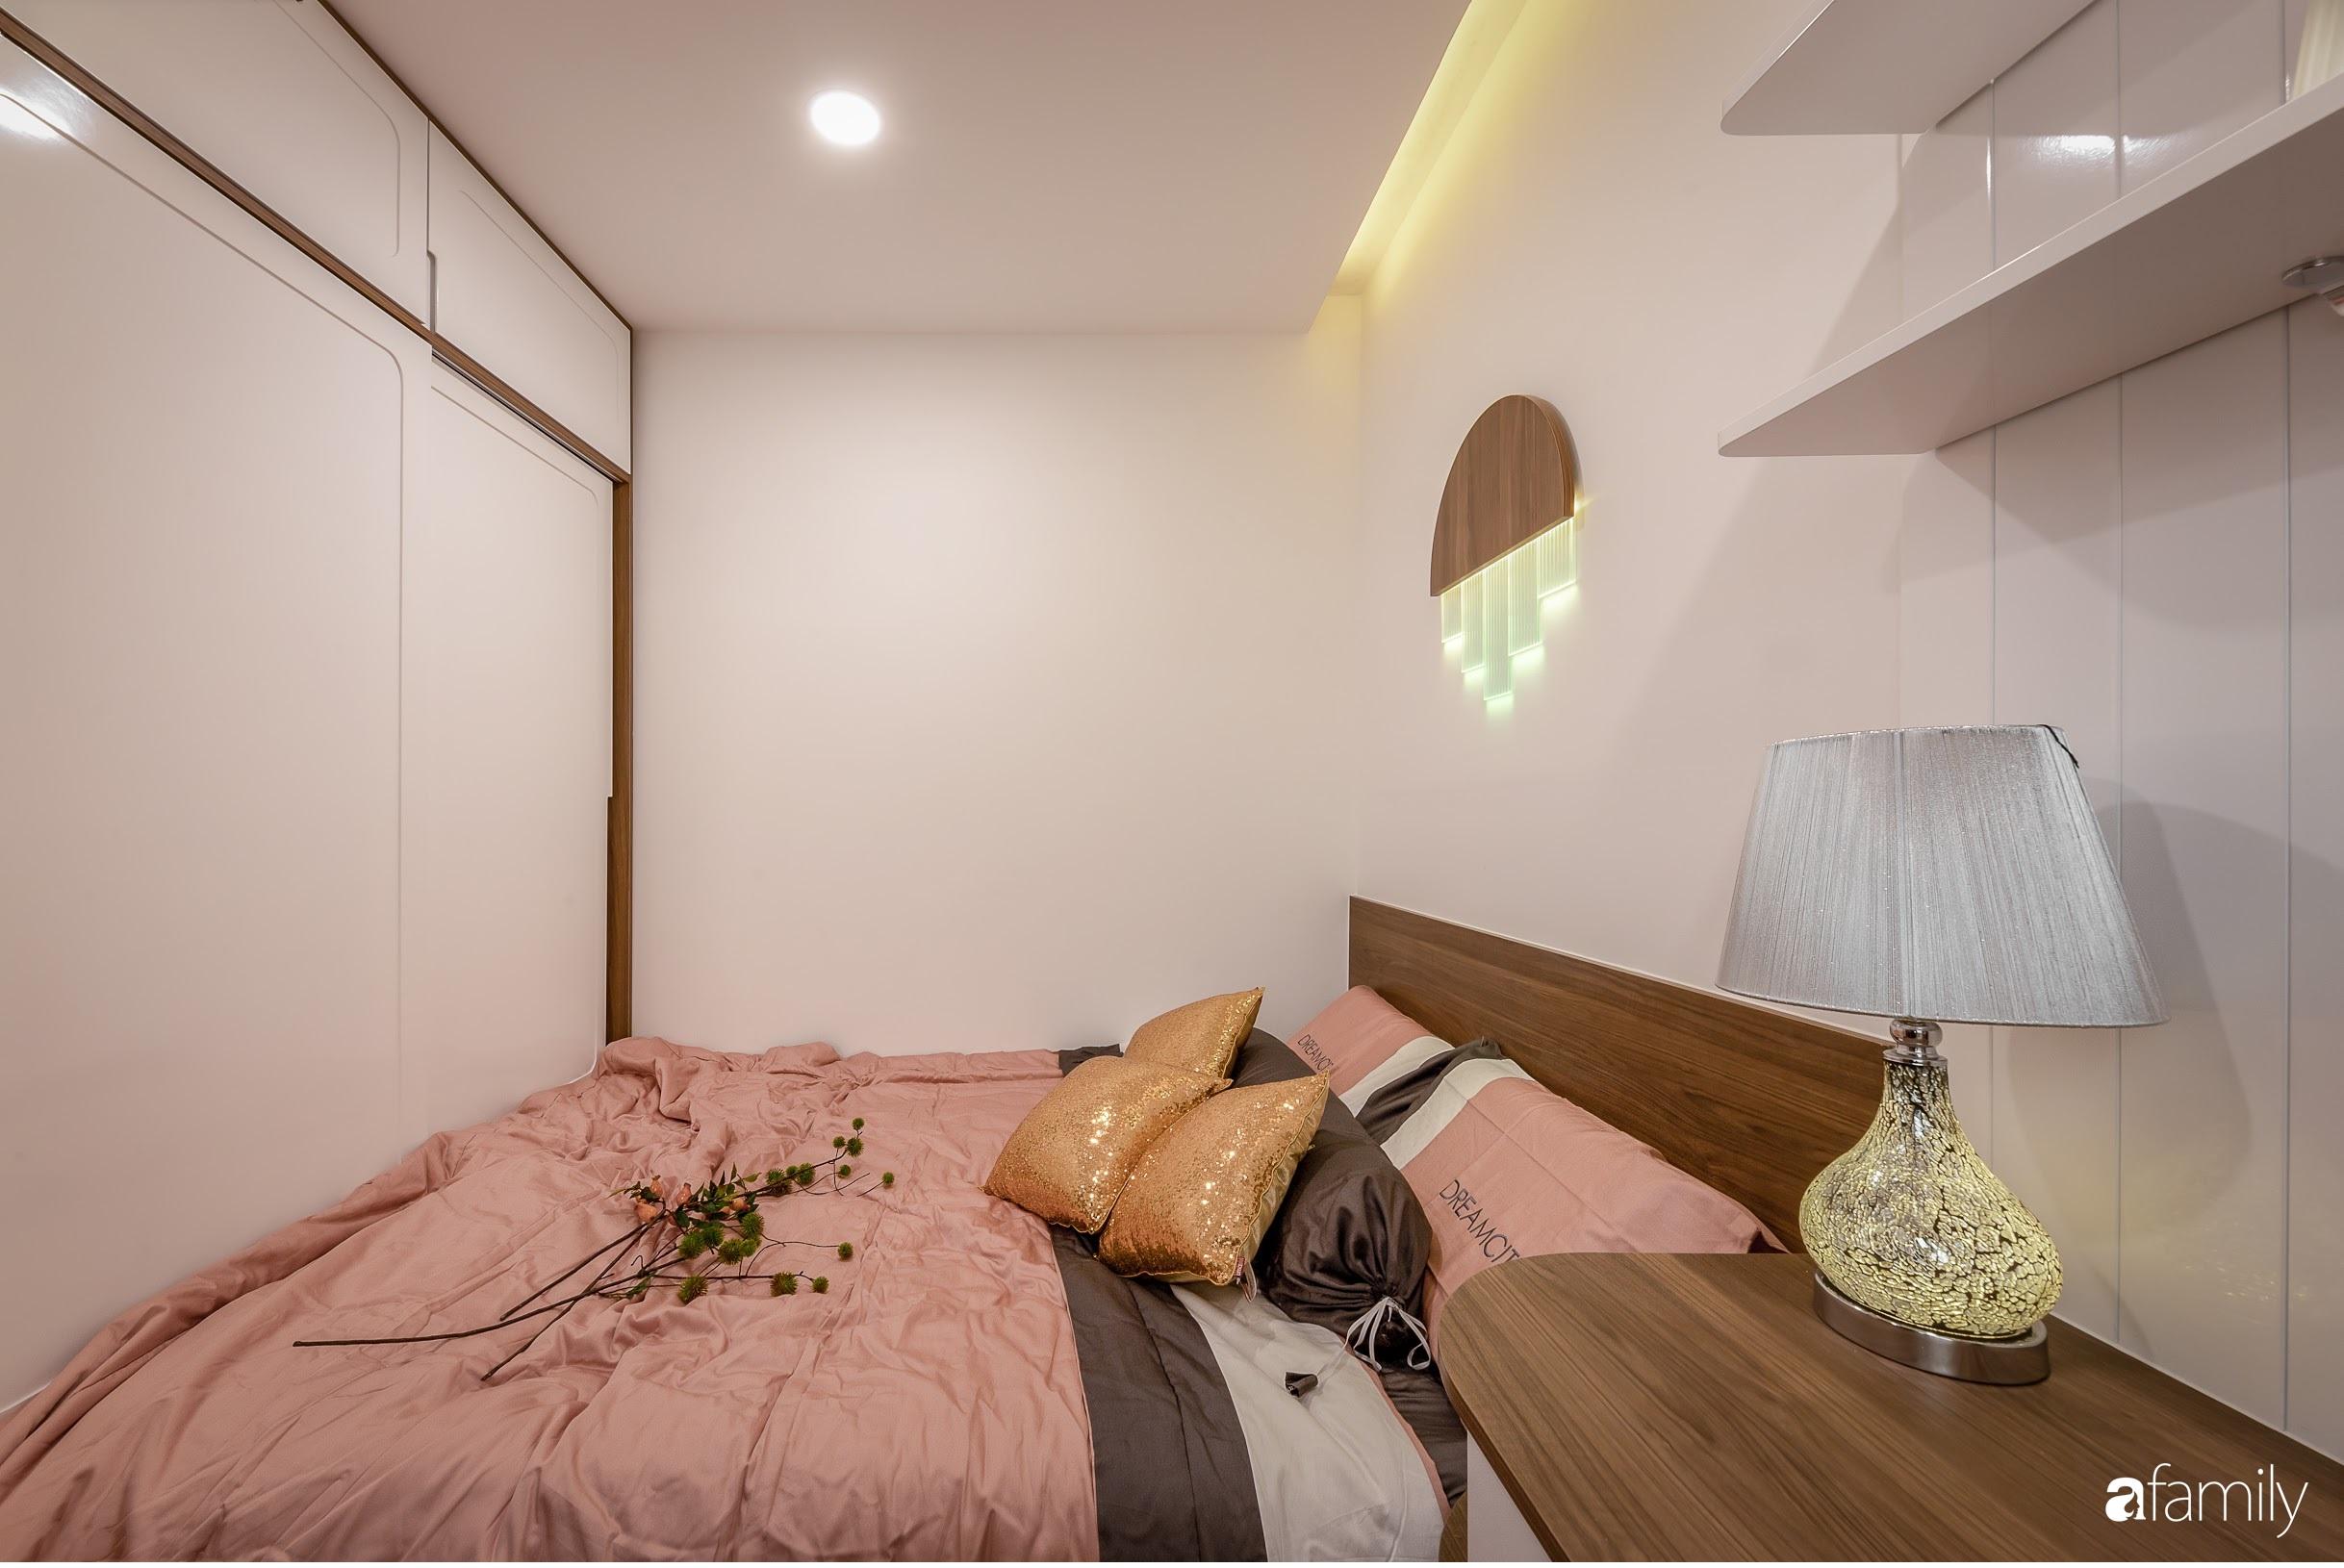 Nhà phố Tiền Giang đẹp hài hòa với thiết kế hiện đại, bố trí nội thất thông minh với chi phí 1,8 tỉ đồng - Ảnh 13.